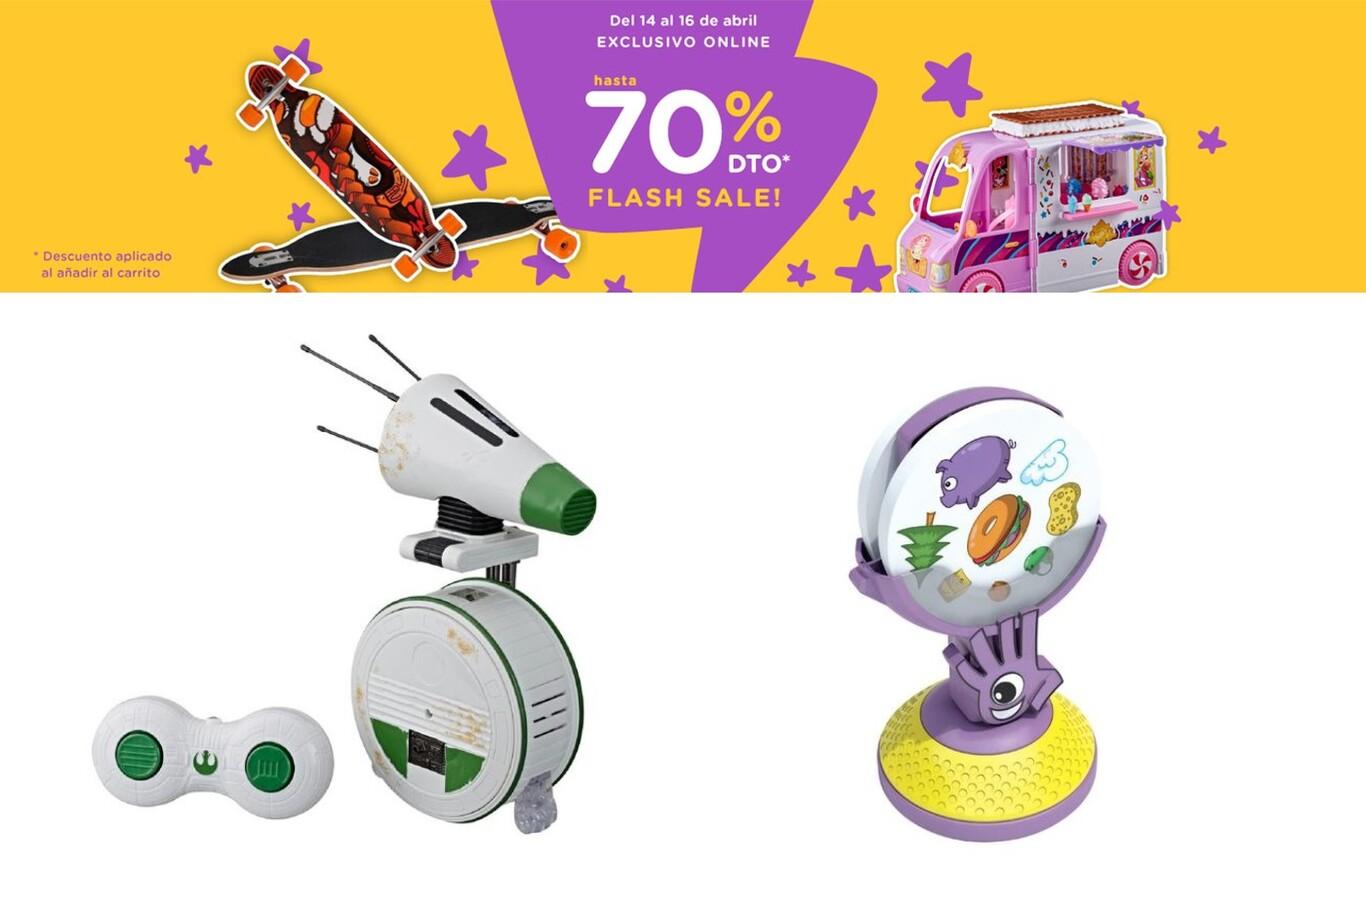 Flash Sale en Toys 'r us con descuentos de hasta el 70% en juegos de mesa, Lego, Star Wars o Mattel